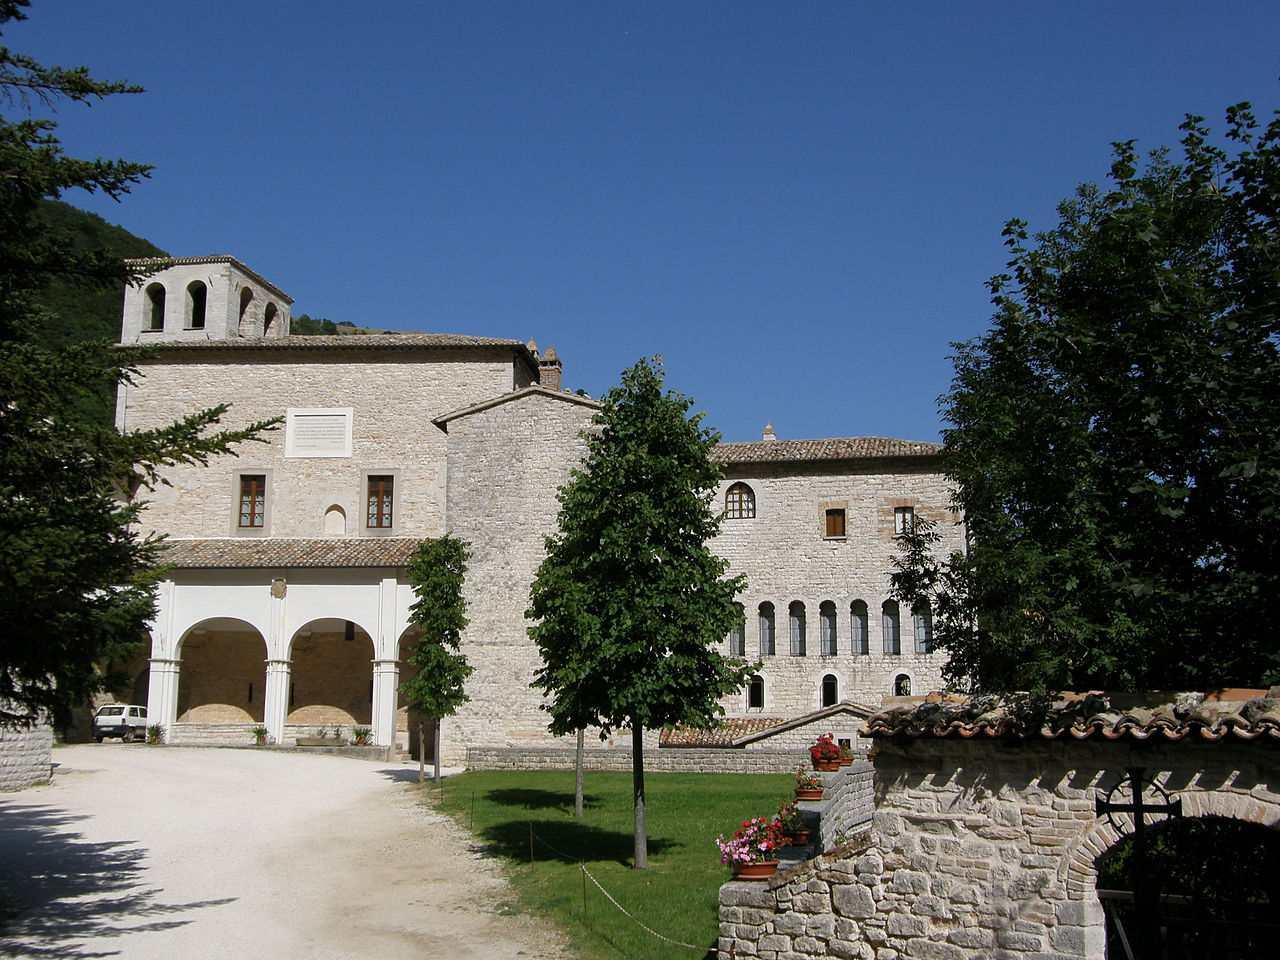 Serra Sant'Abbondio, Italy - Monastero di Fonte Avellana